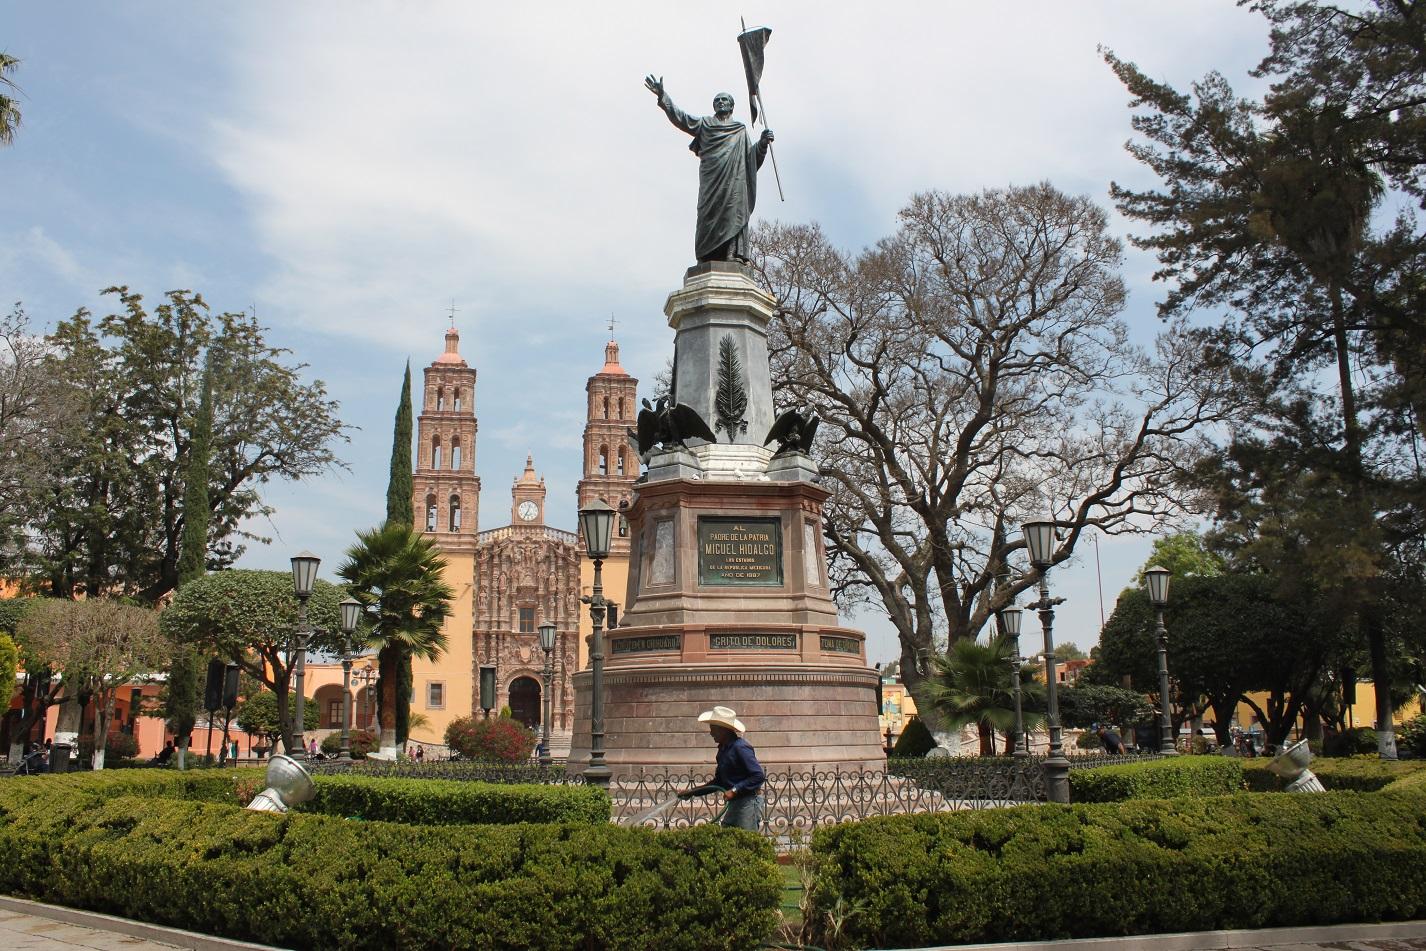 Mit rechten Faust gen Himmel gestreckt ruft Pater Hidalgo zum Widerstand auf.